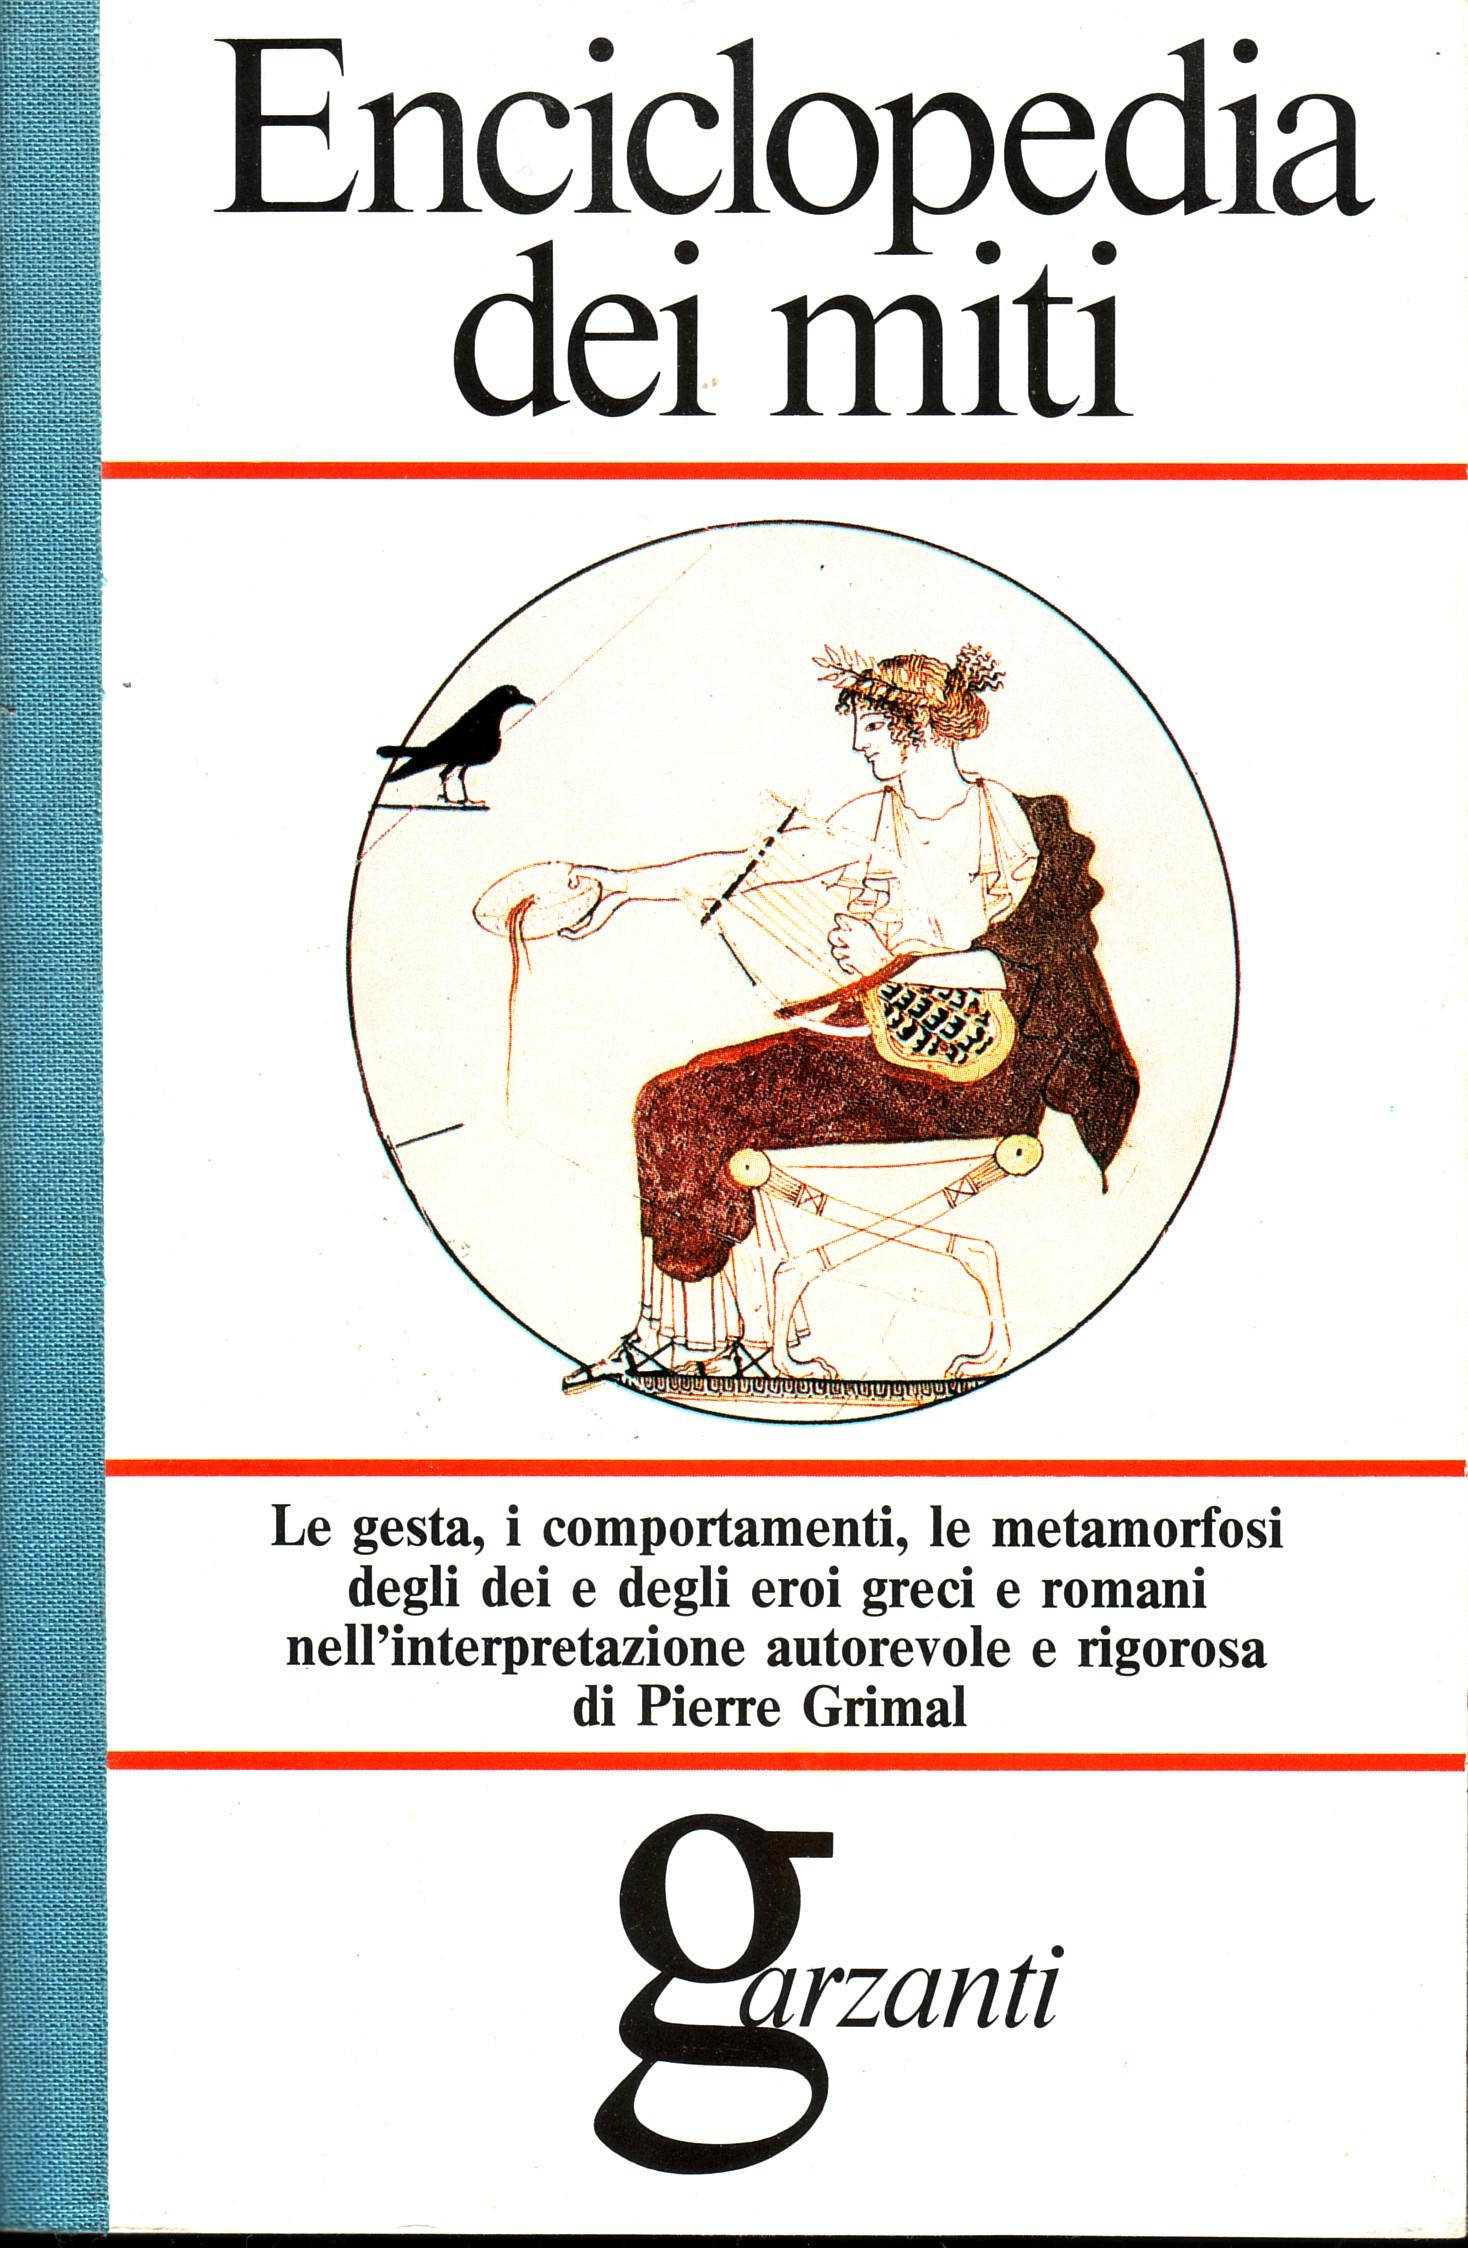 Enciclopedia dei miti